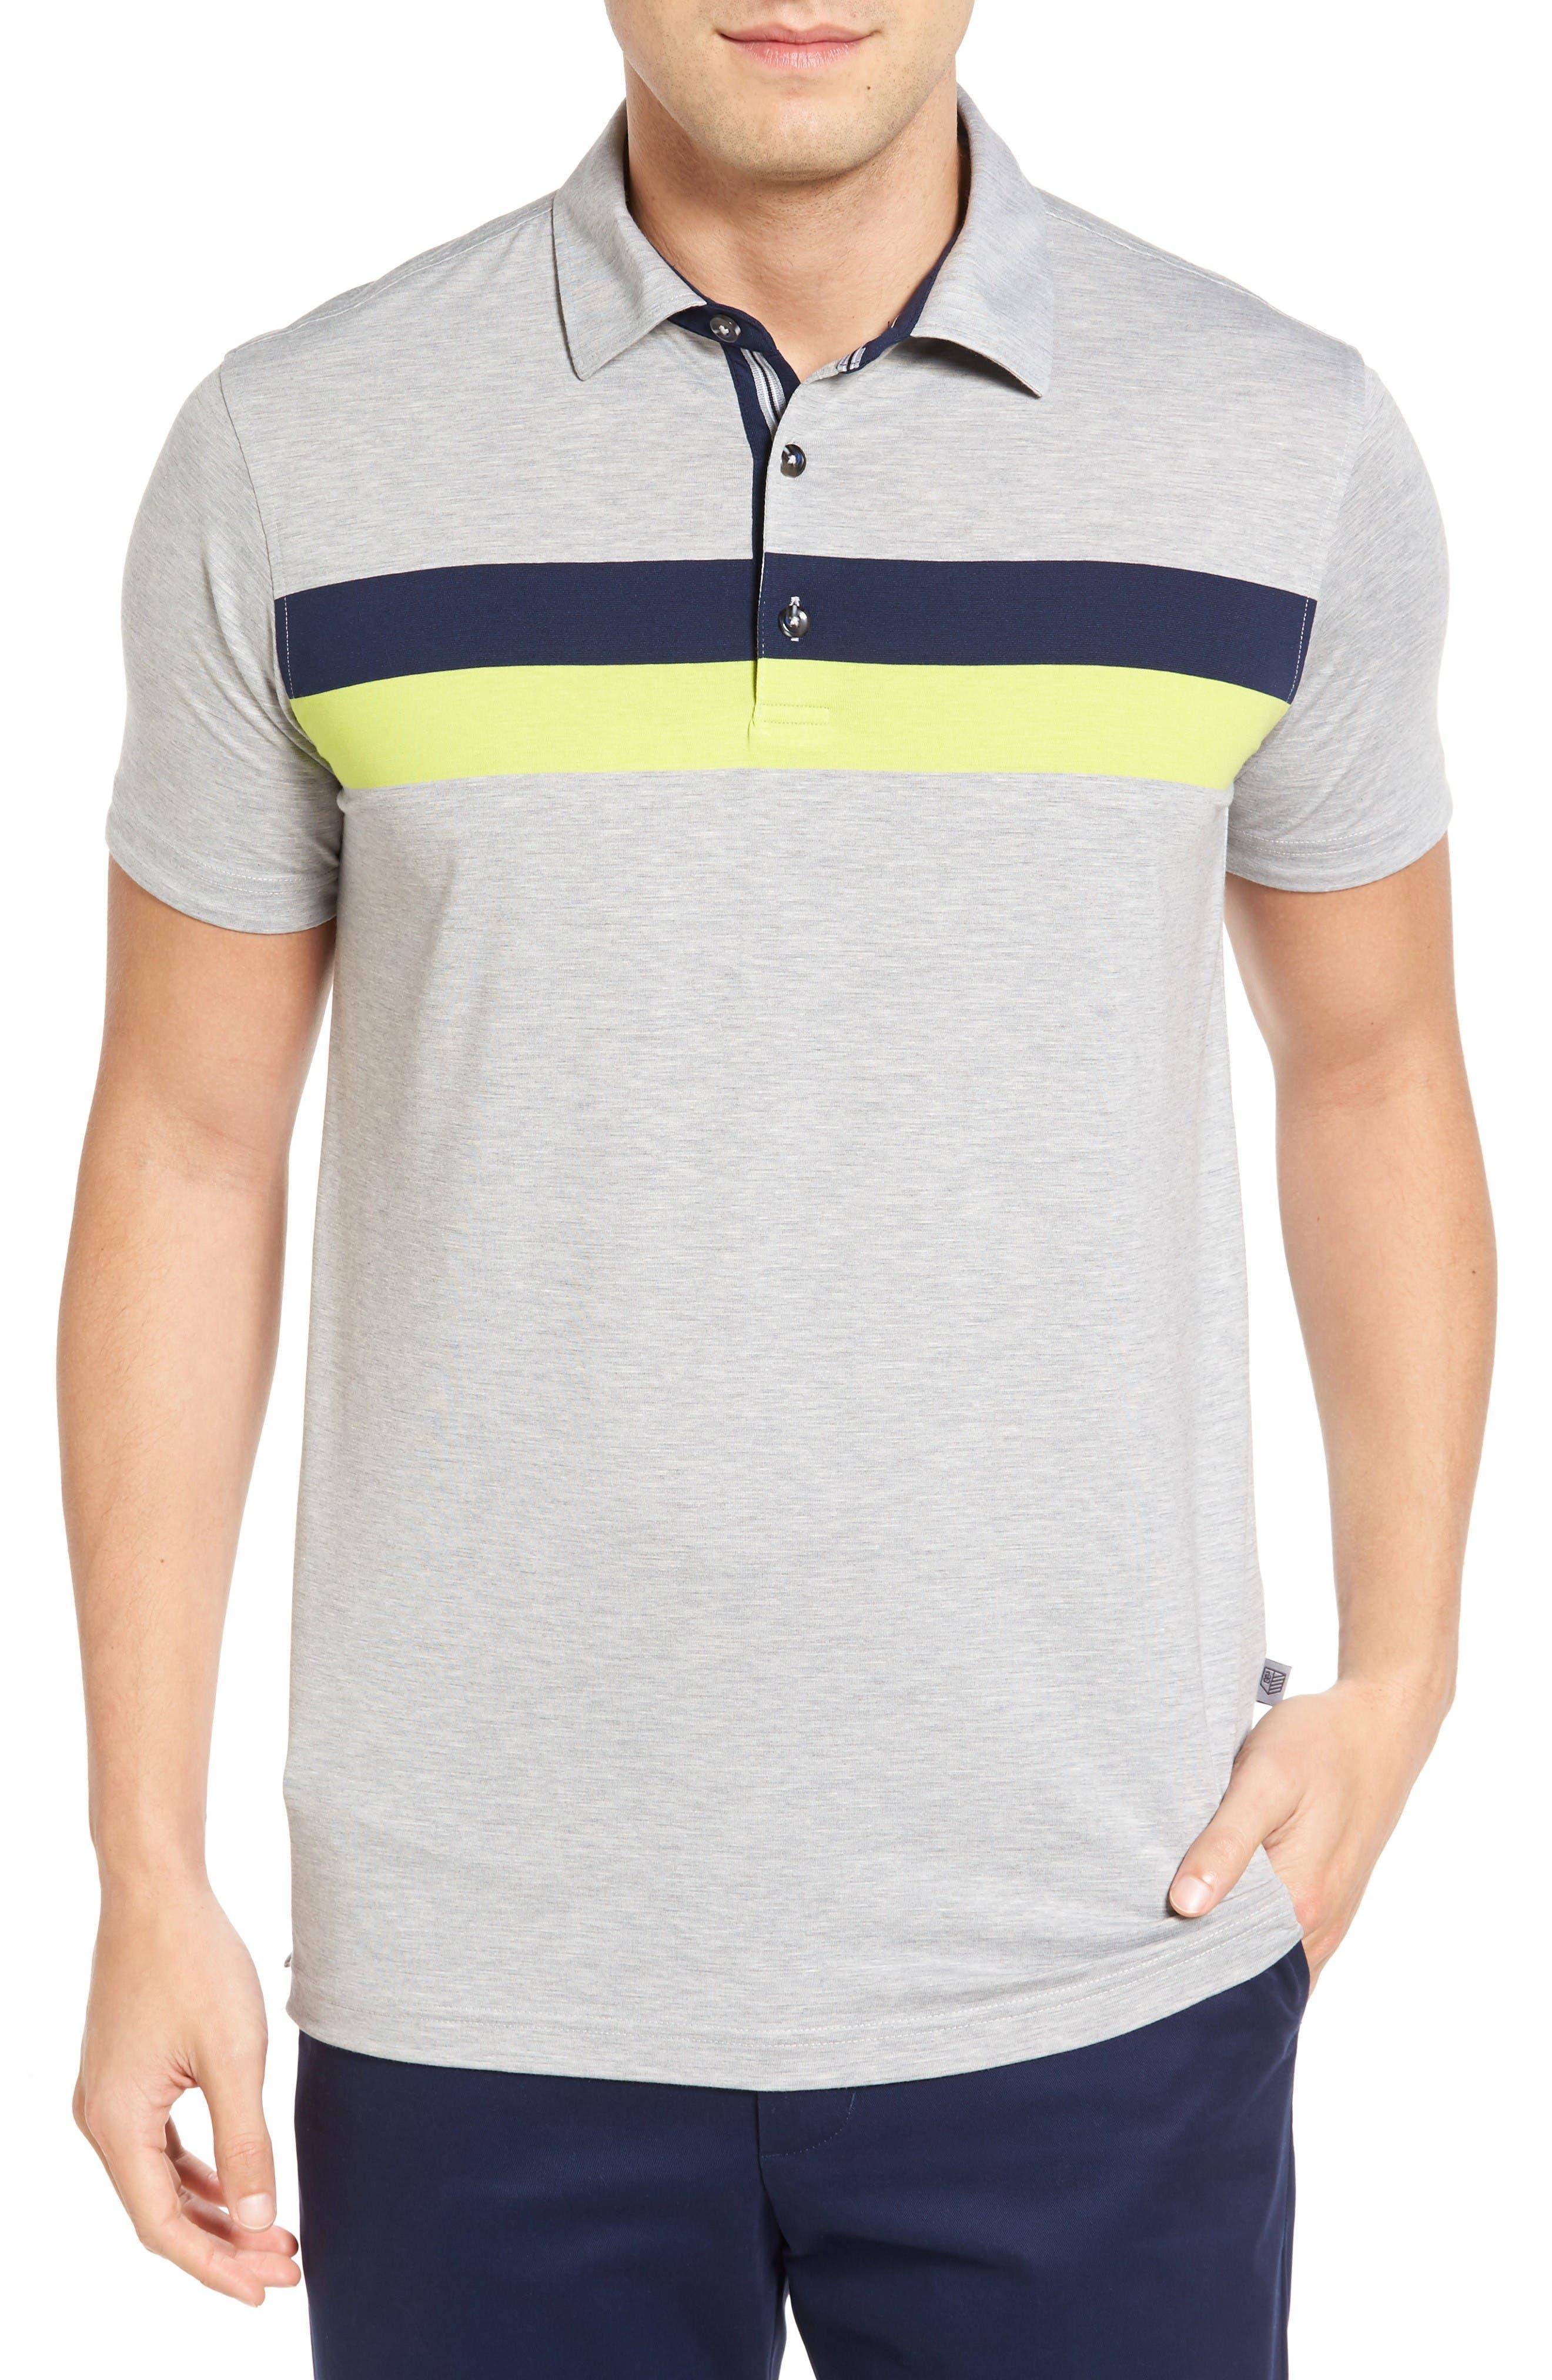 Bobby Jones Ace Chest Stripe Jersey Golf Polo